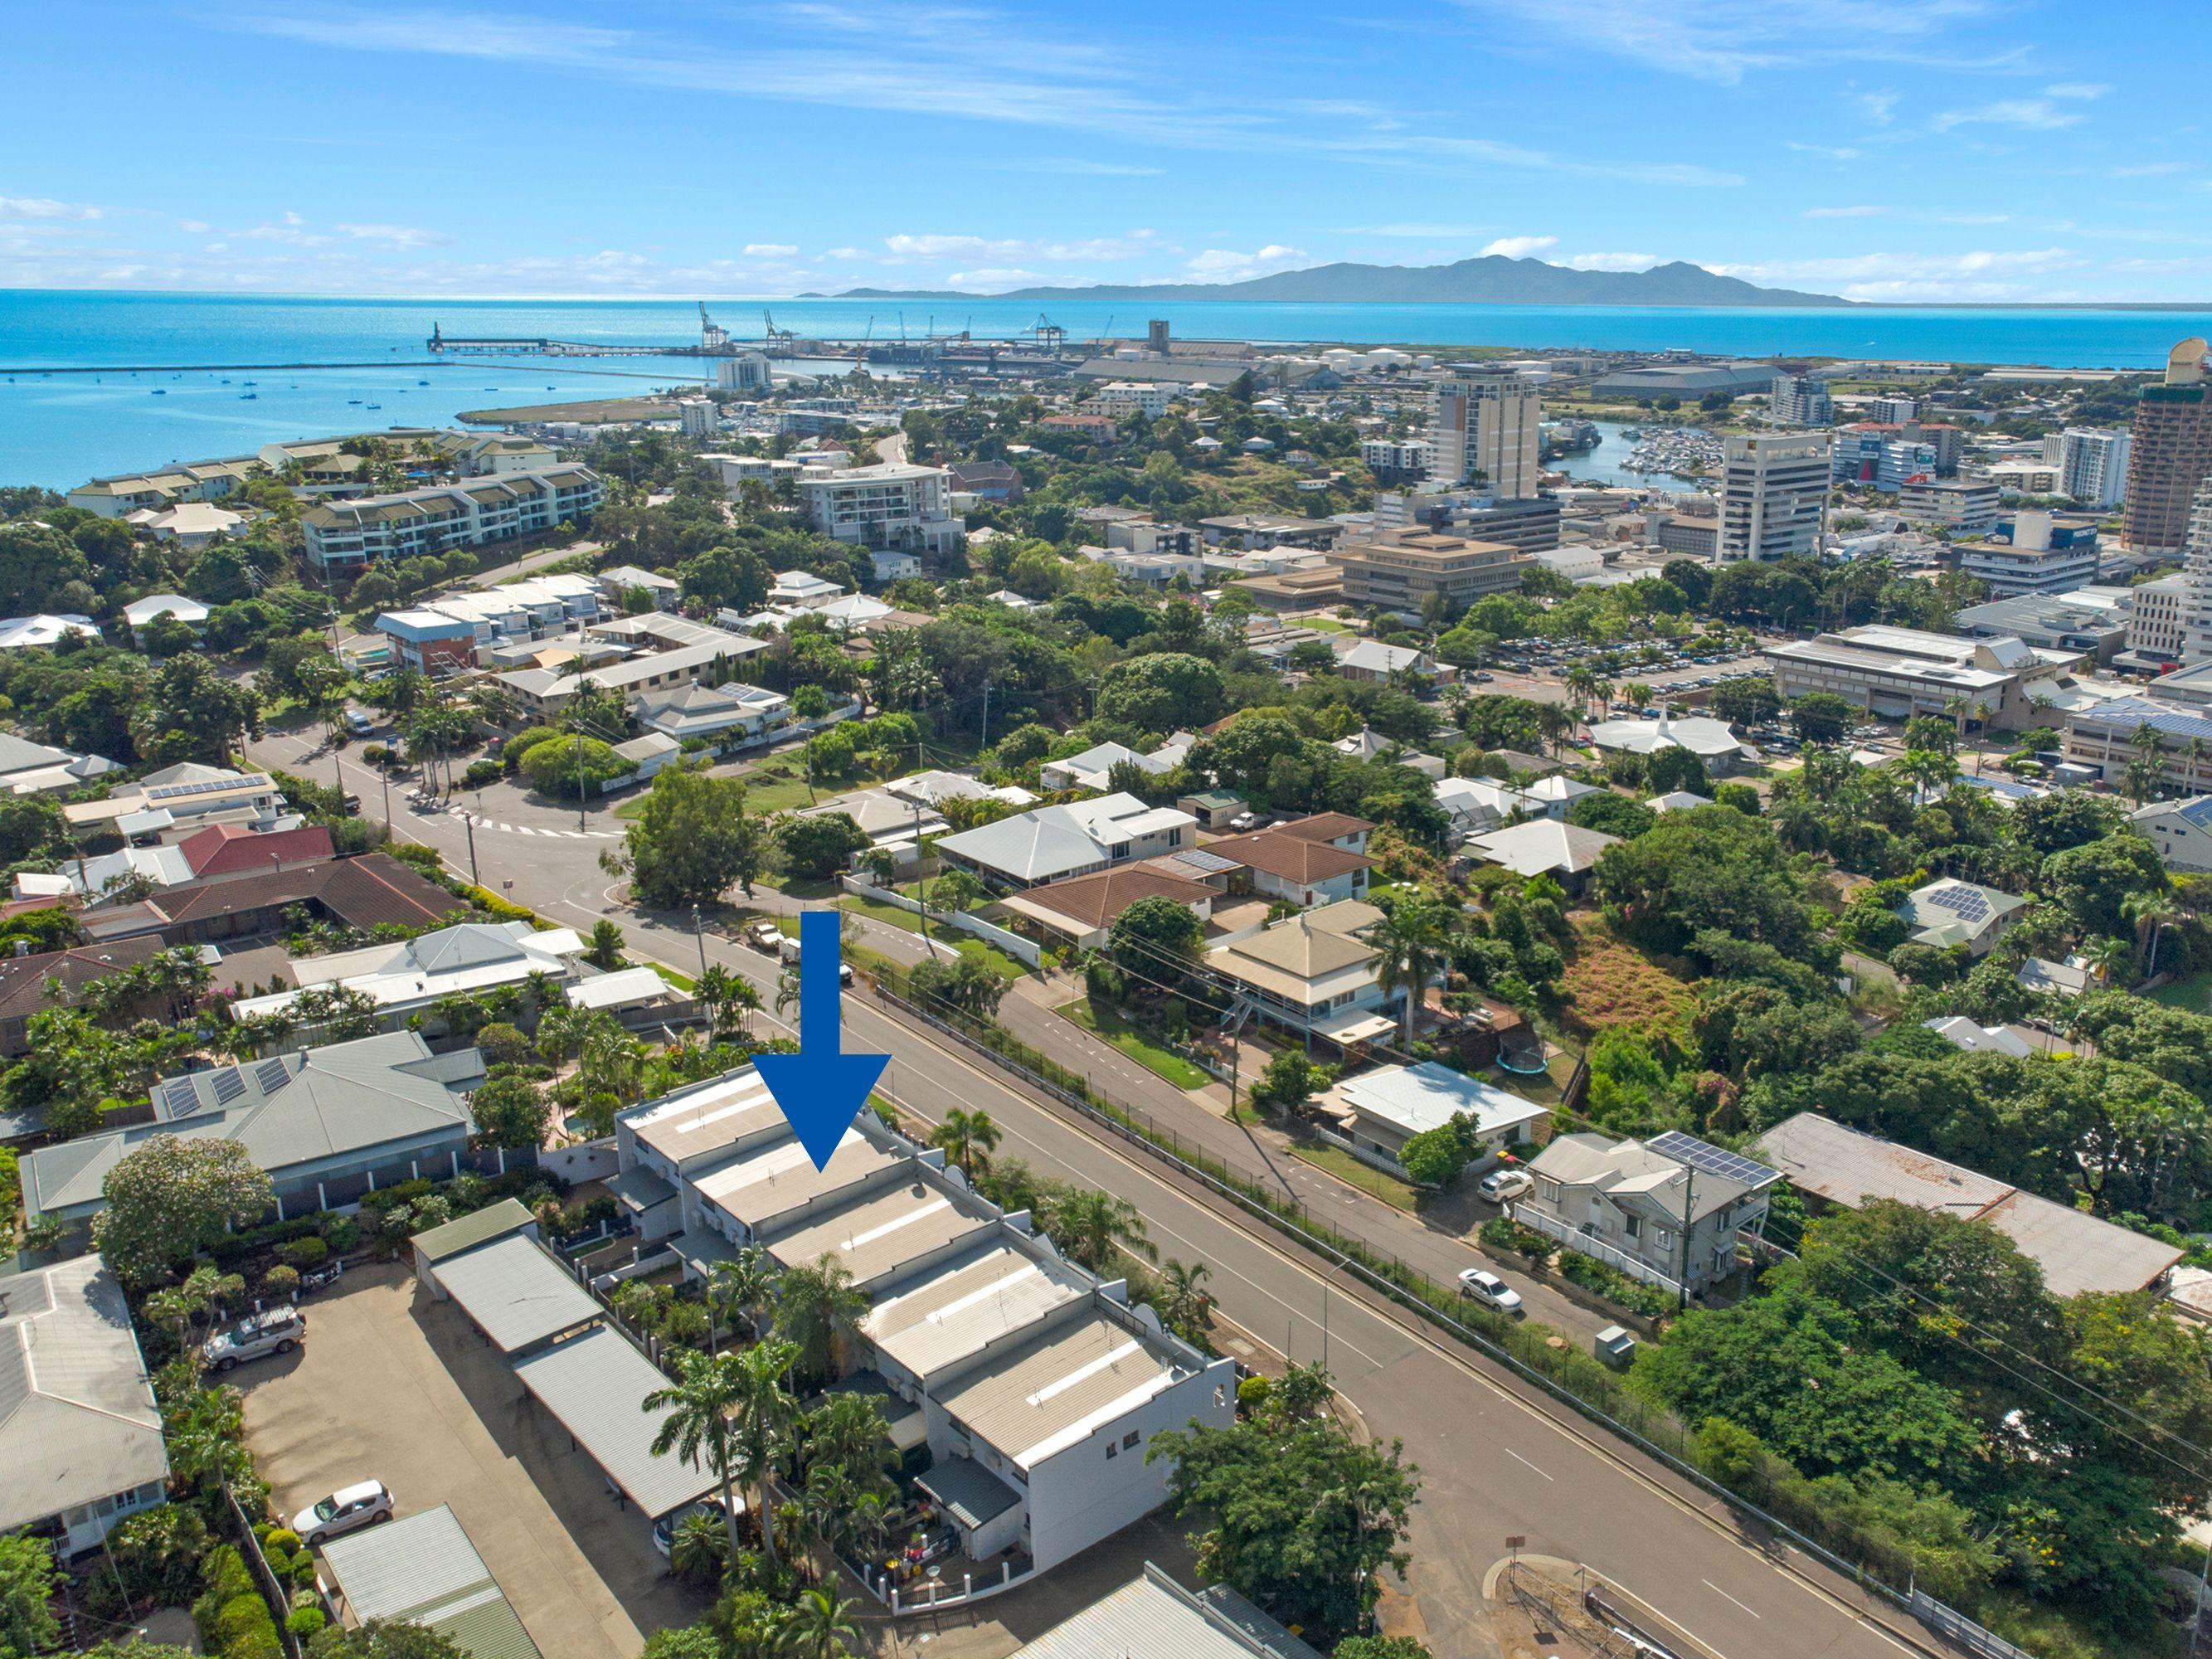 16/29-33 Victoria Street, North Ward, QLD 4810